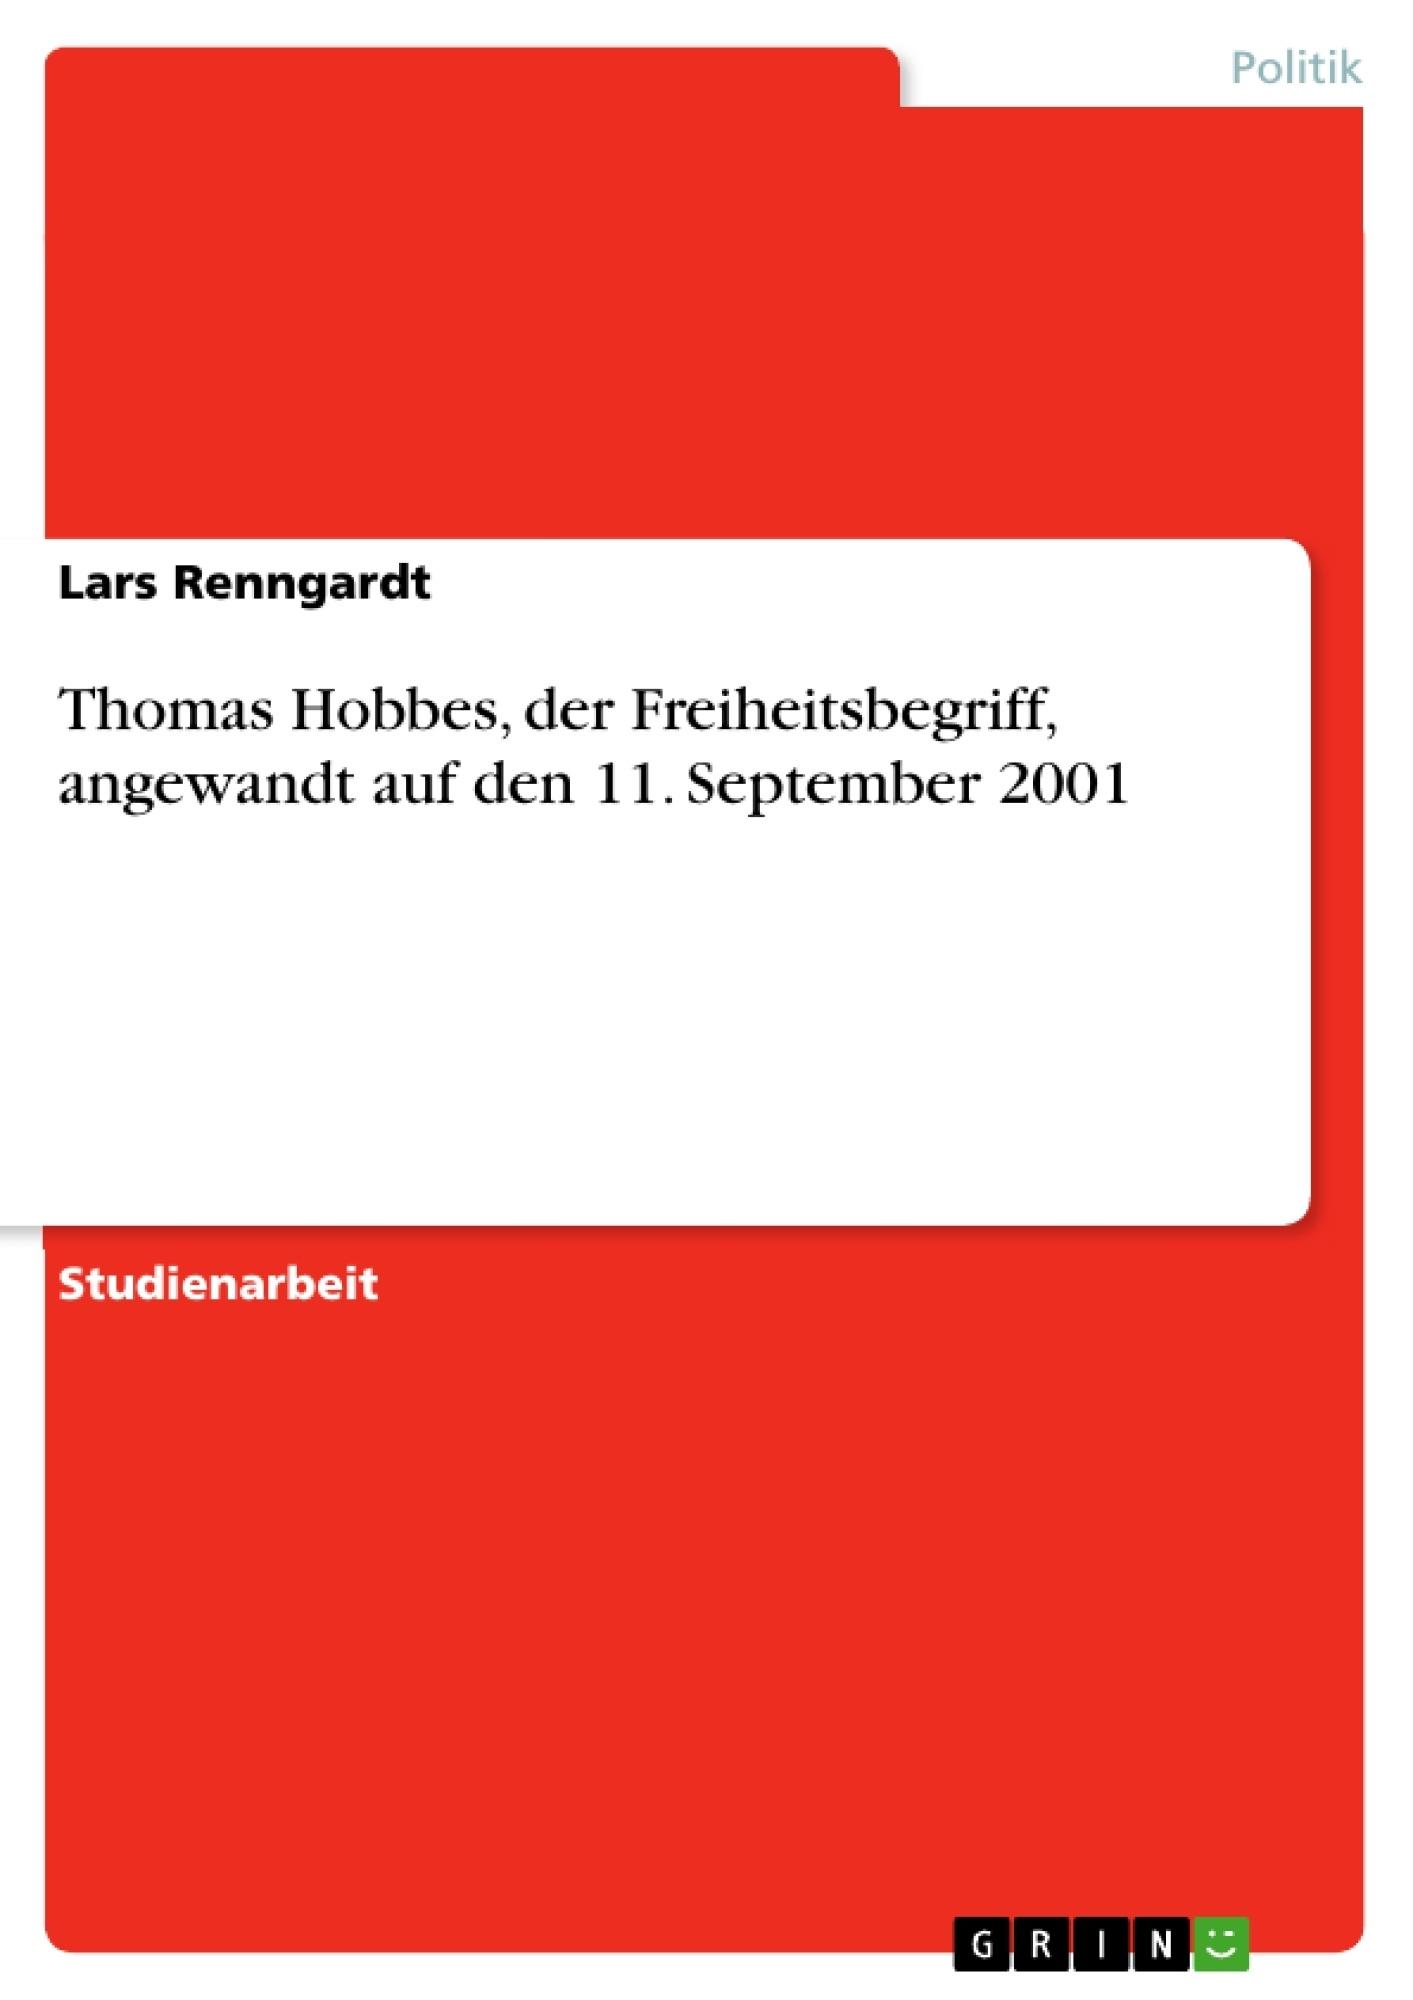 Titel: Thomas Hobbes, der Freiheitsbegriff, angewandt auf den 11. September 2001